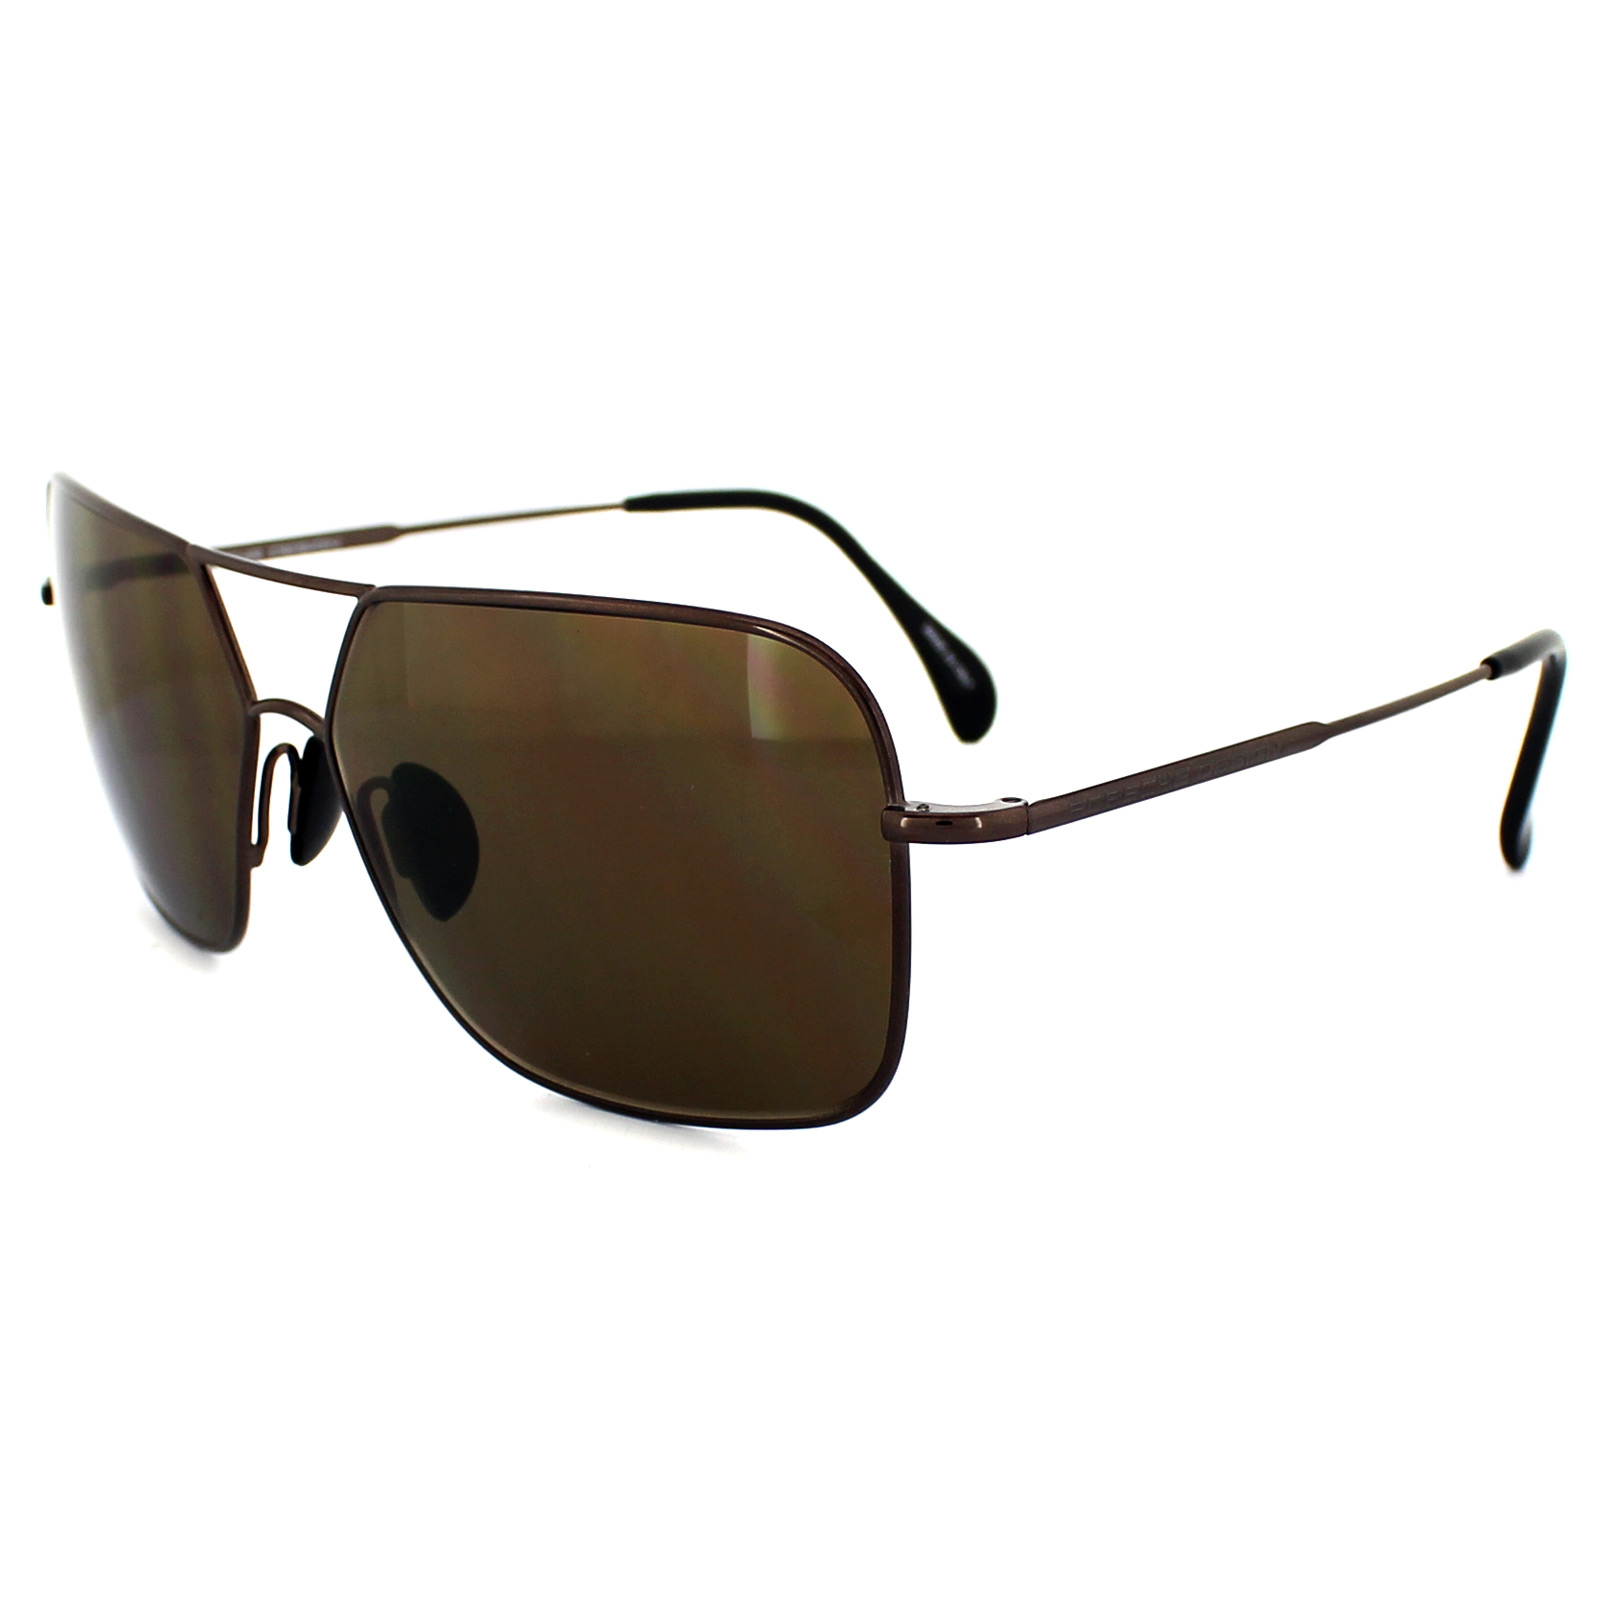 58e42f037da4 Cheap Porsche Sunglasses